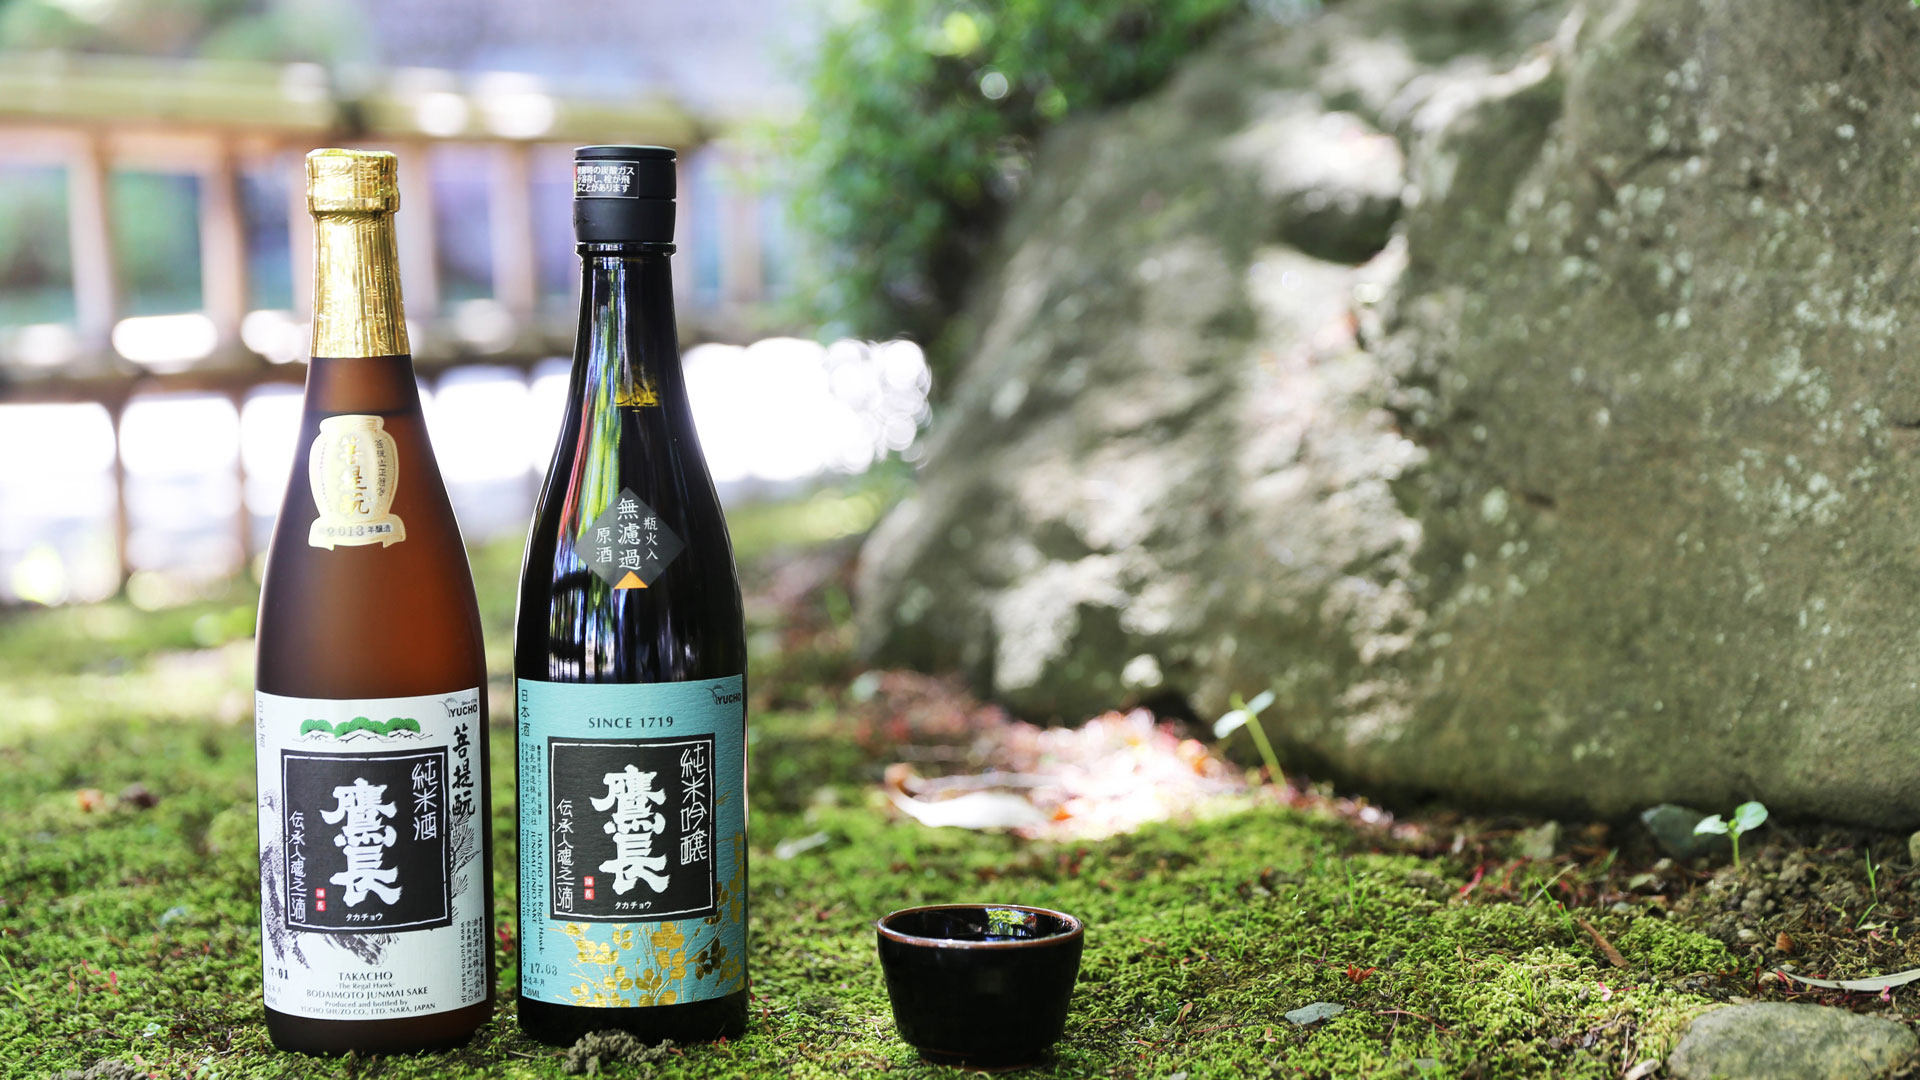 Nara's Sake